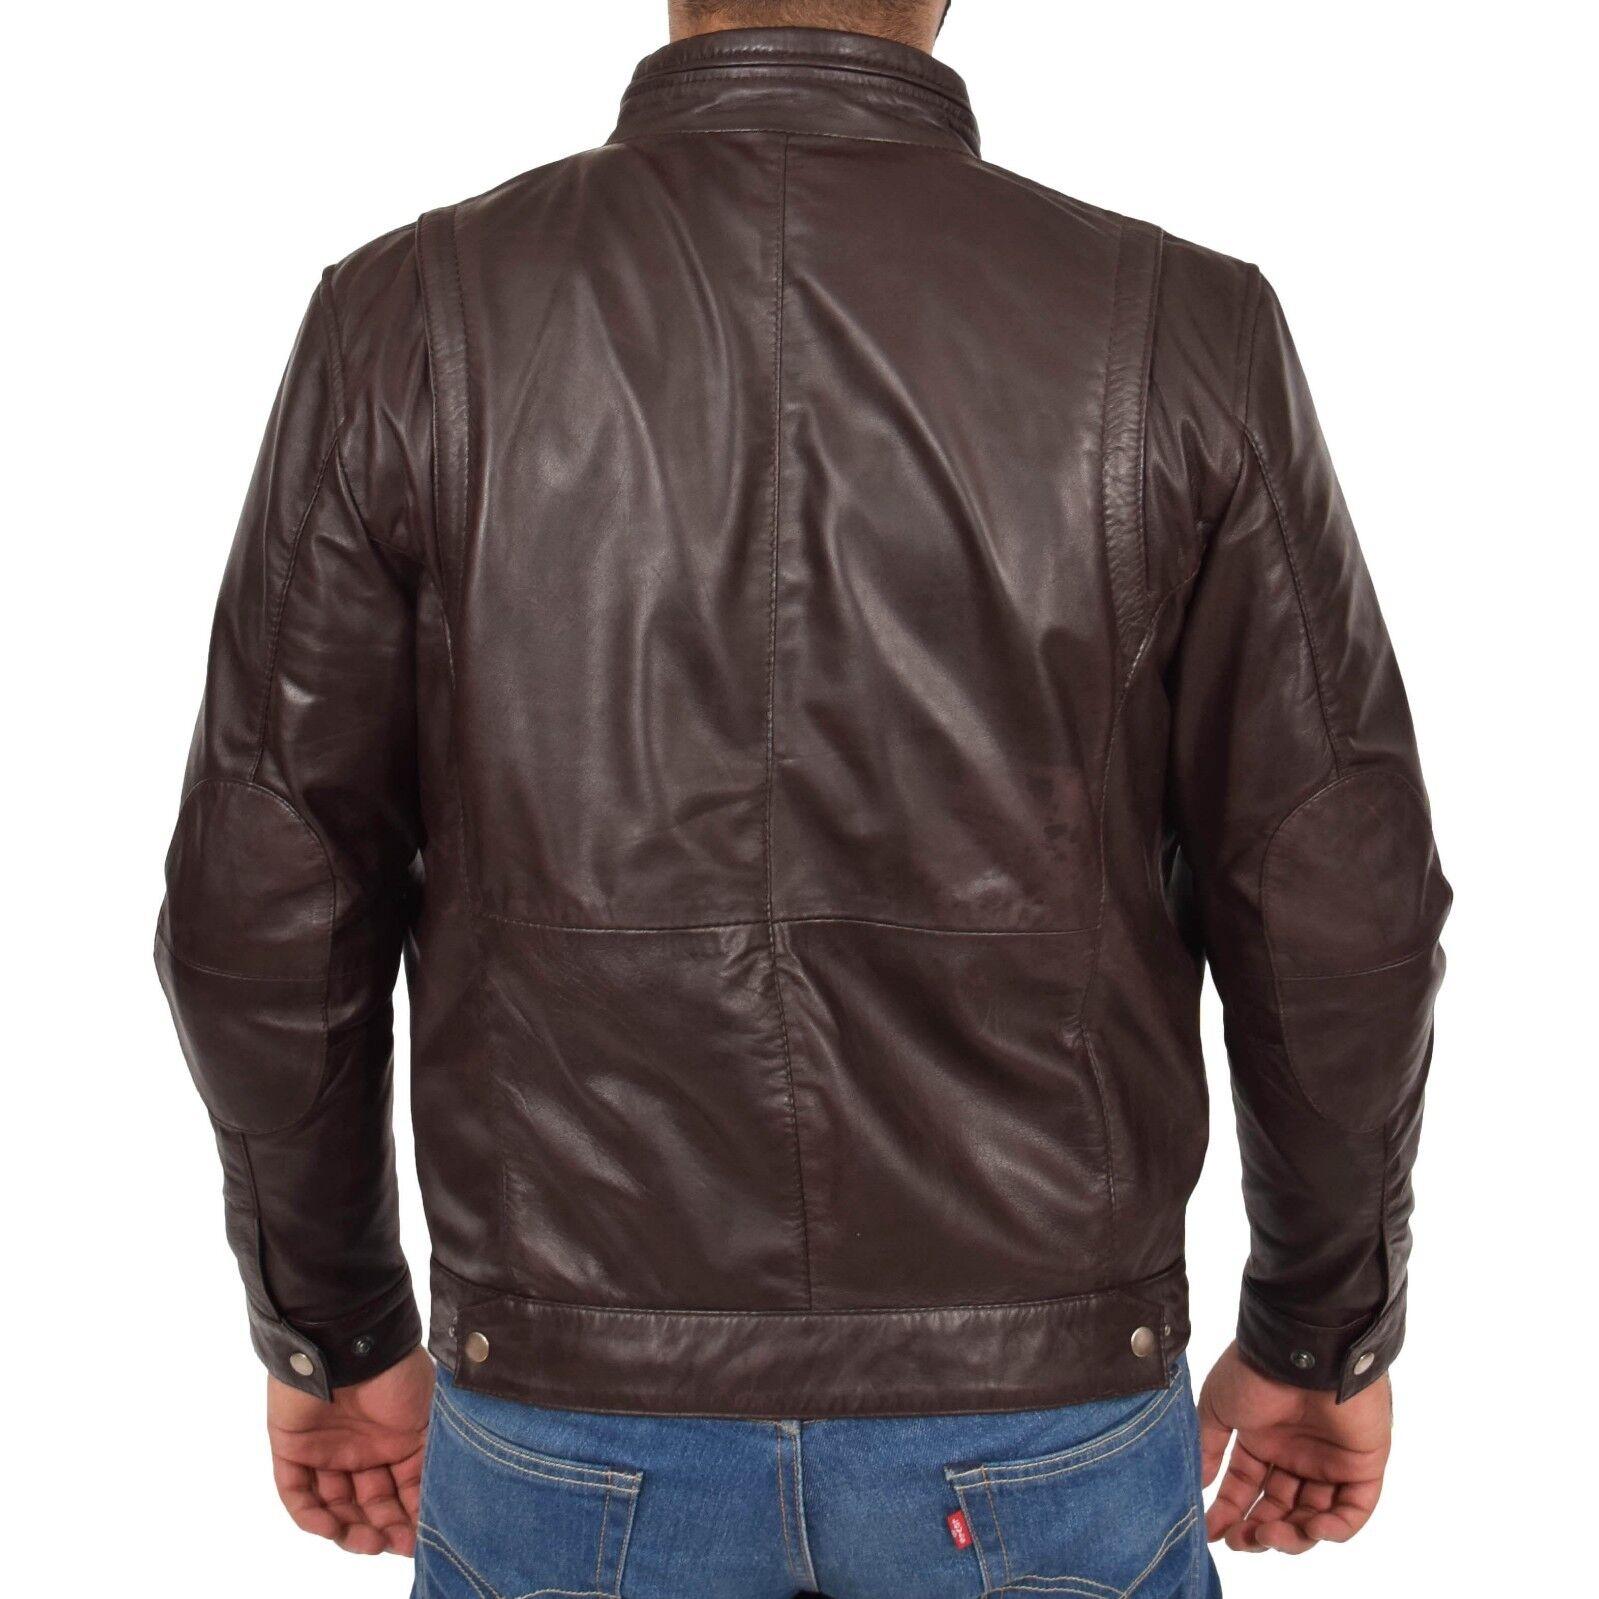 Véritable Souple Cuir Veste Marron Veste Cuir pour homme Style Motard Ajustée Fermeture éclair Décontracté Manteau 21f5a7